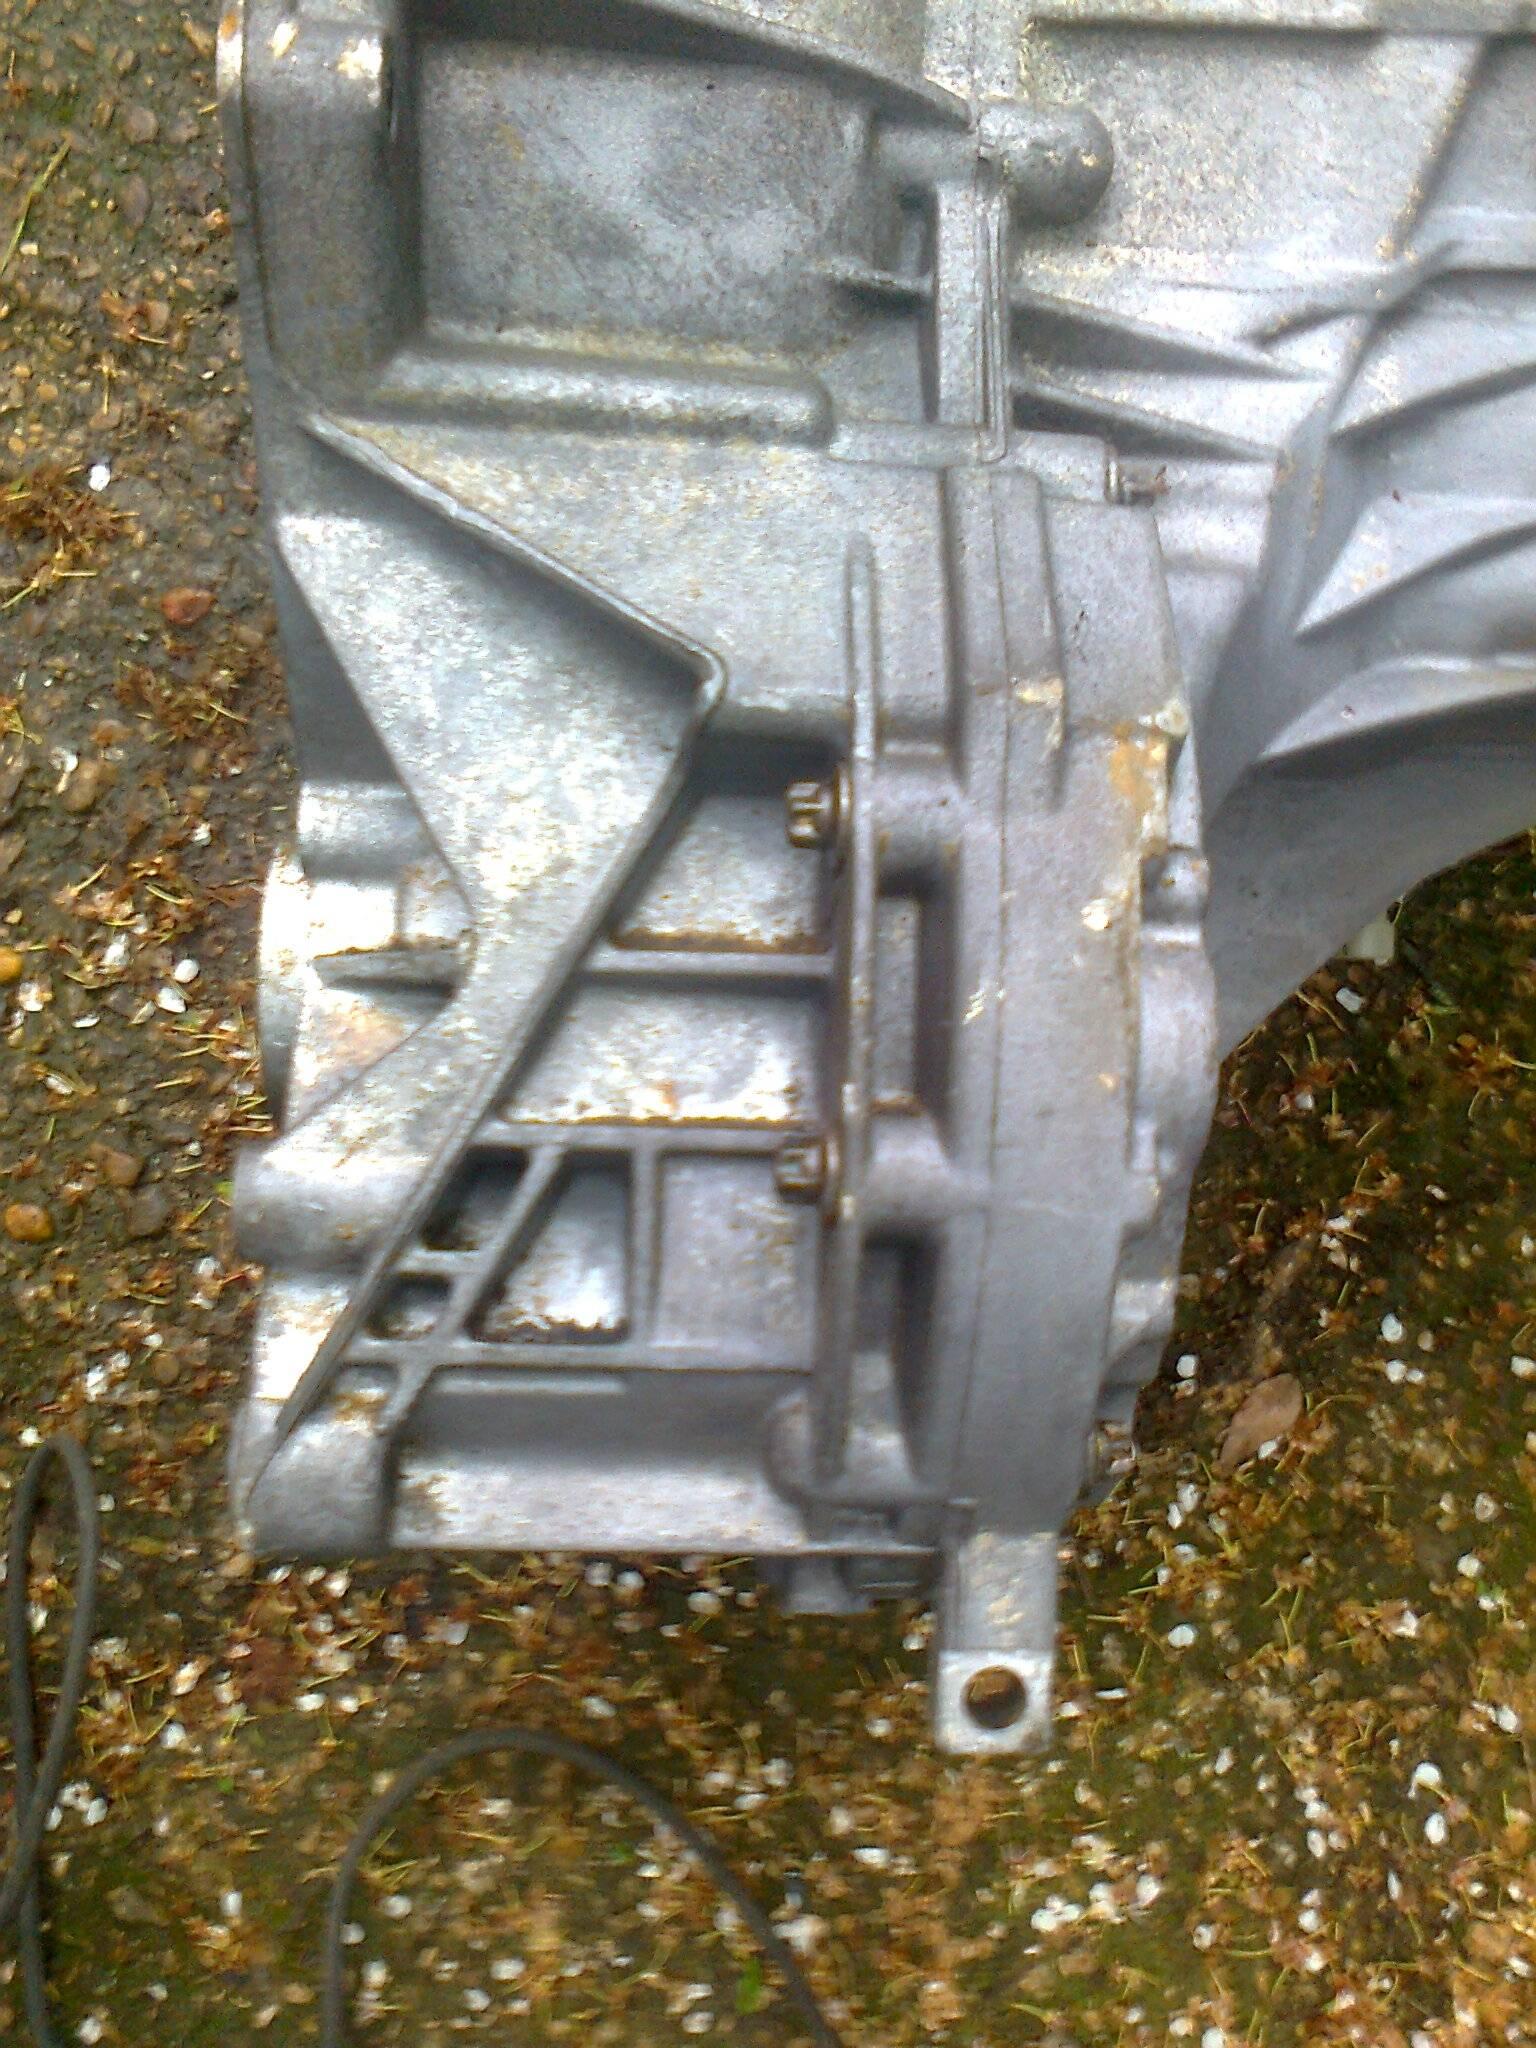 Corsa C Z22se Fitting Guide Z18xe Ecu Wiring Diagram Photo0190